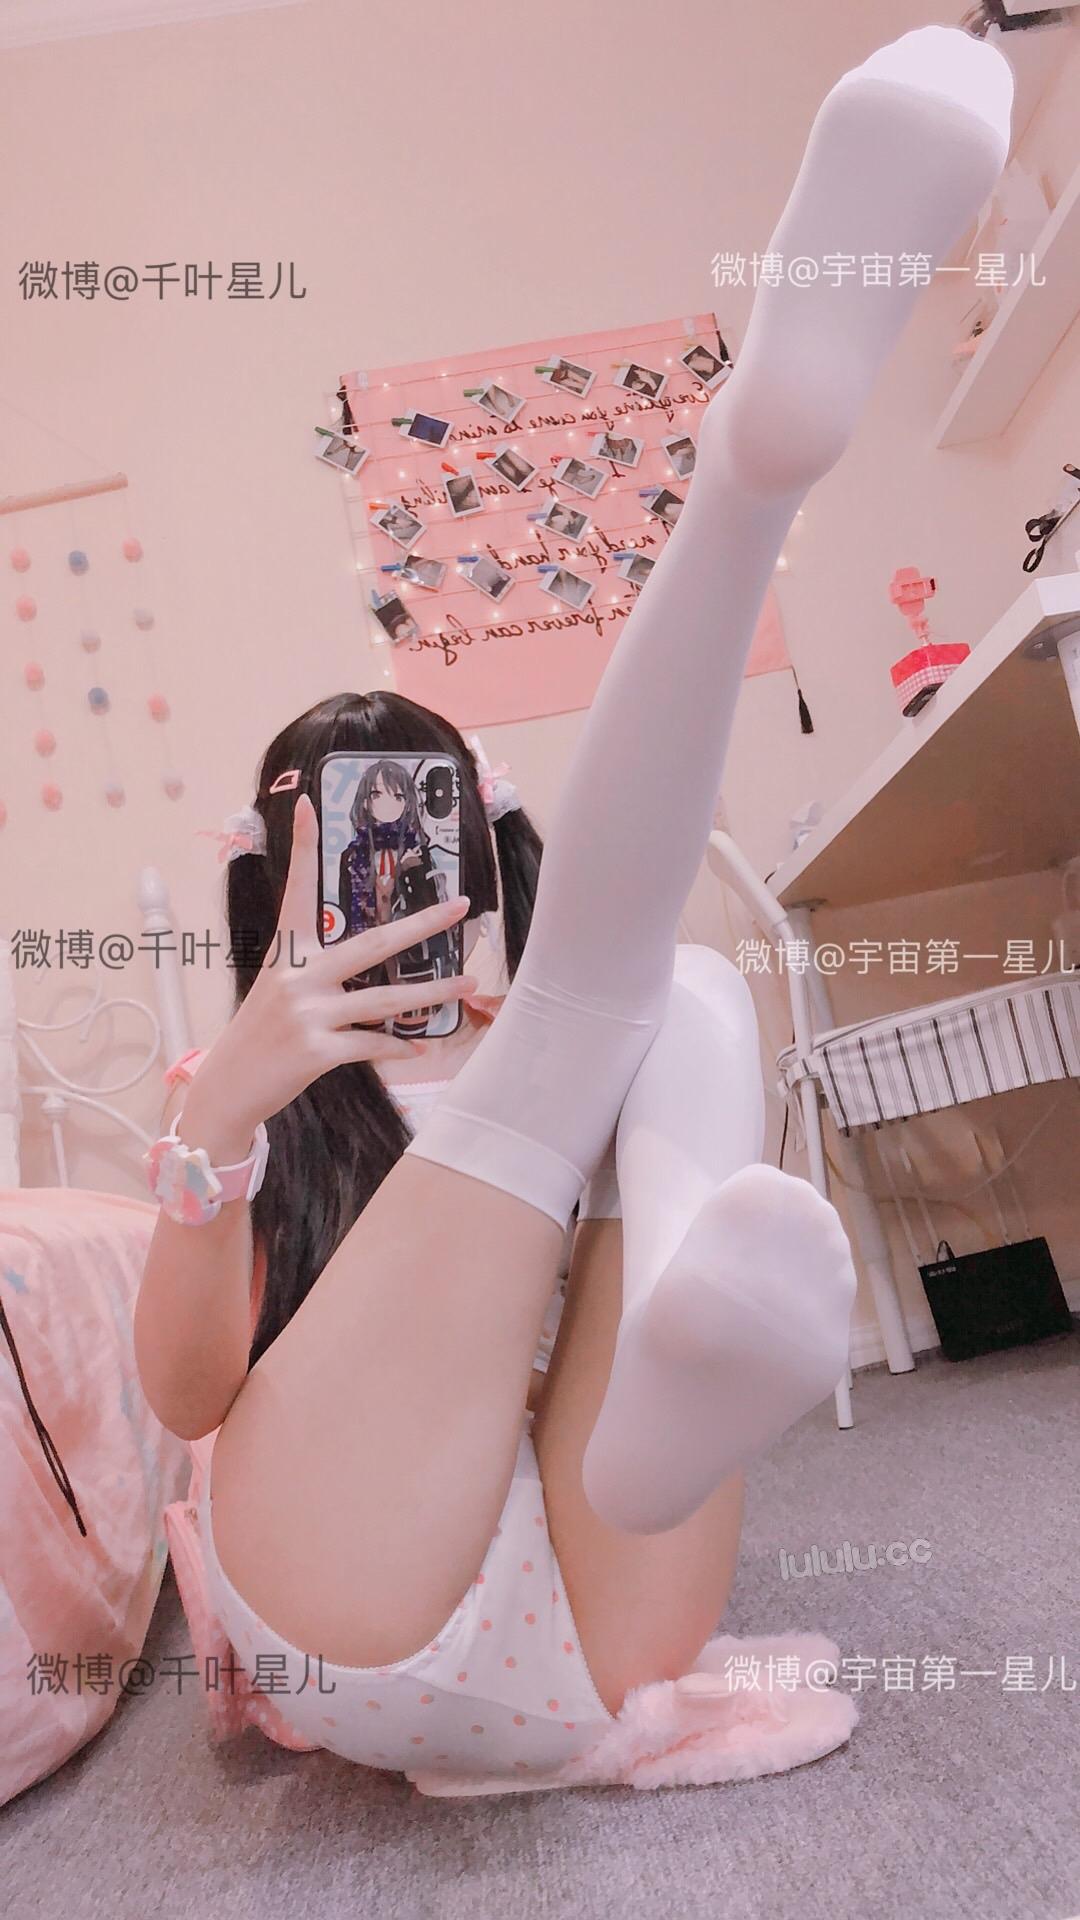 437 - Cute sweet girl 千叶星儿 001